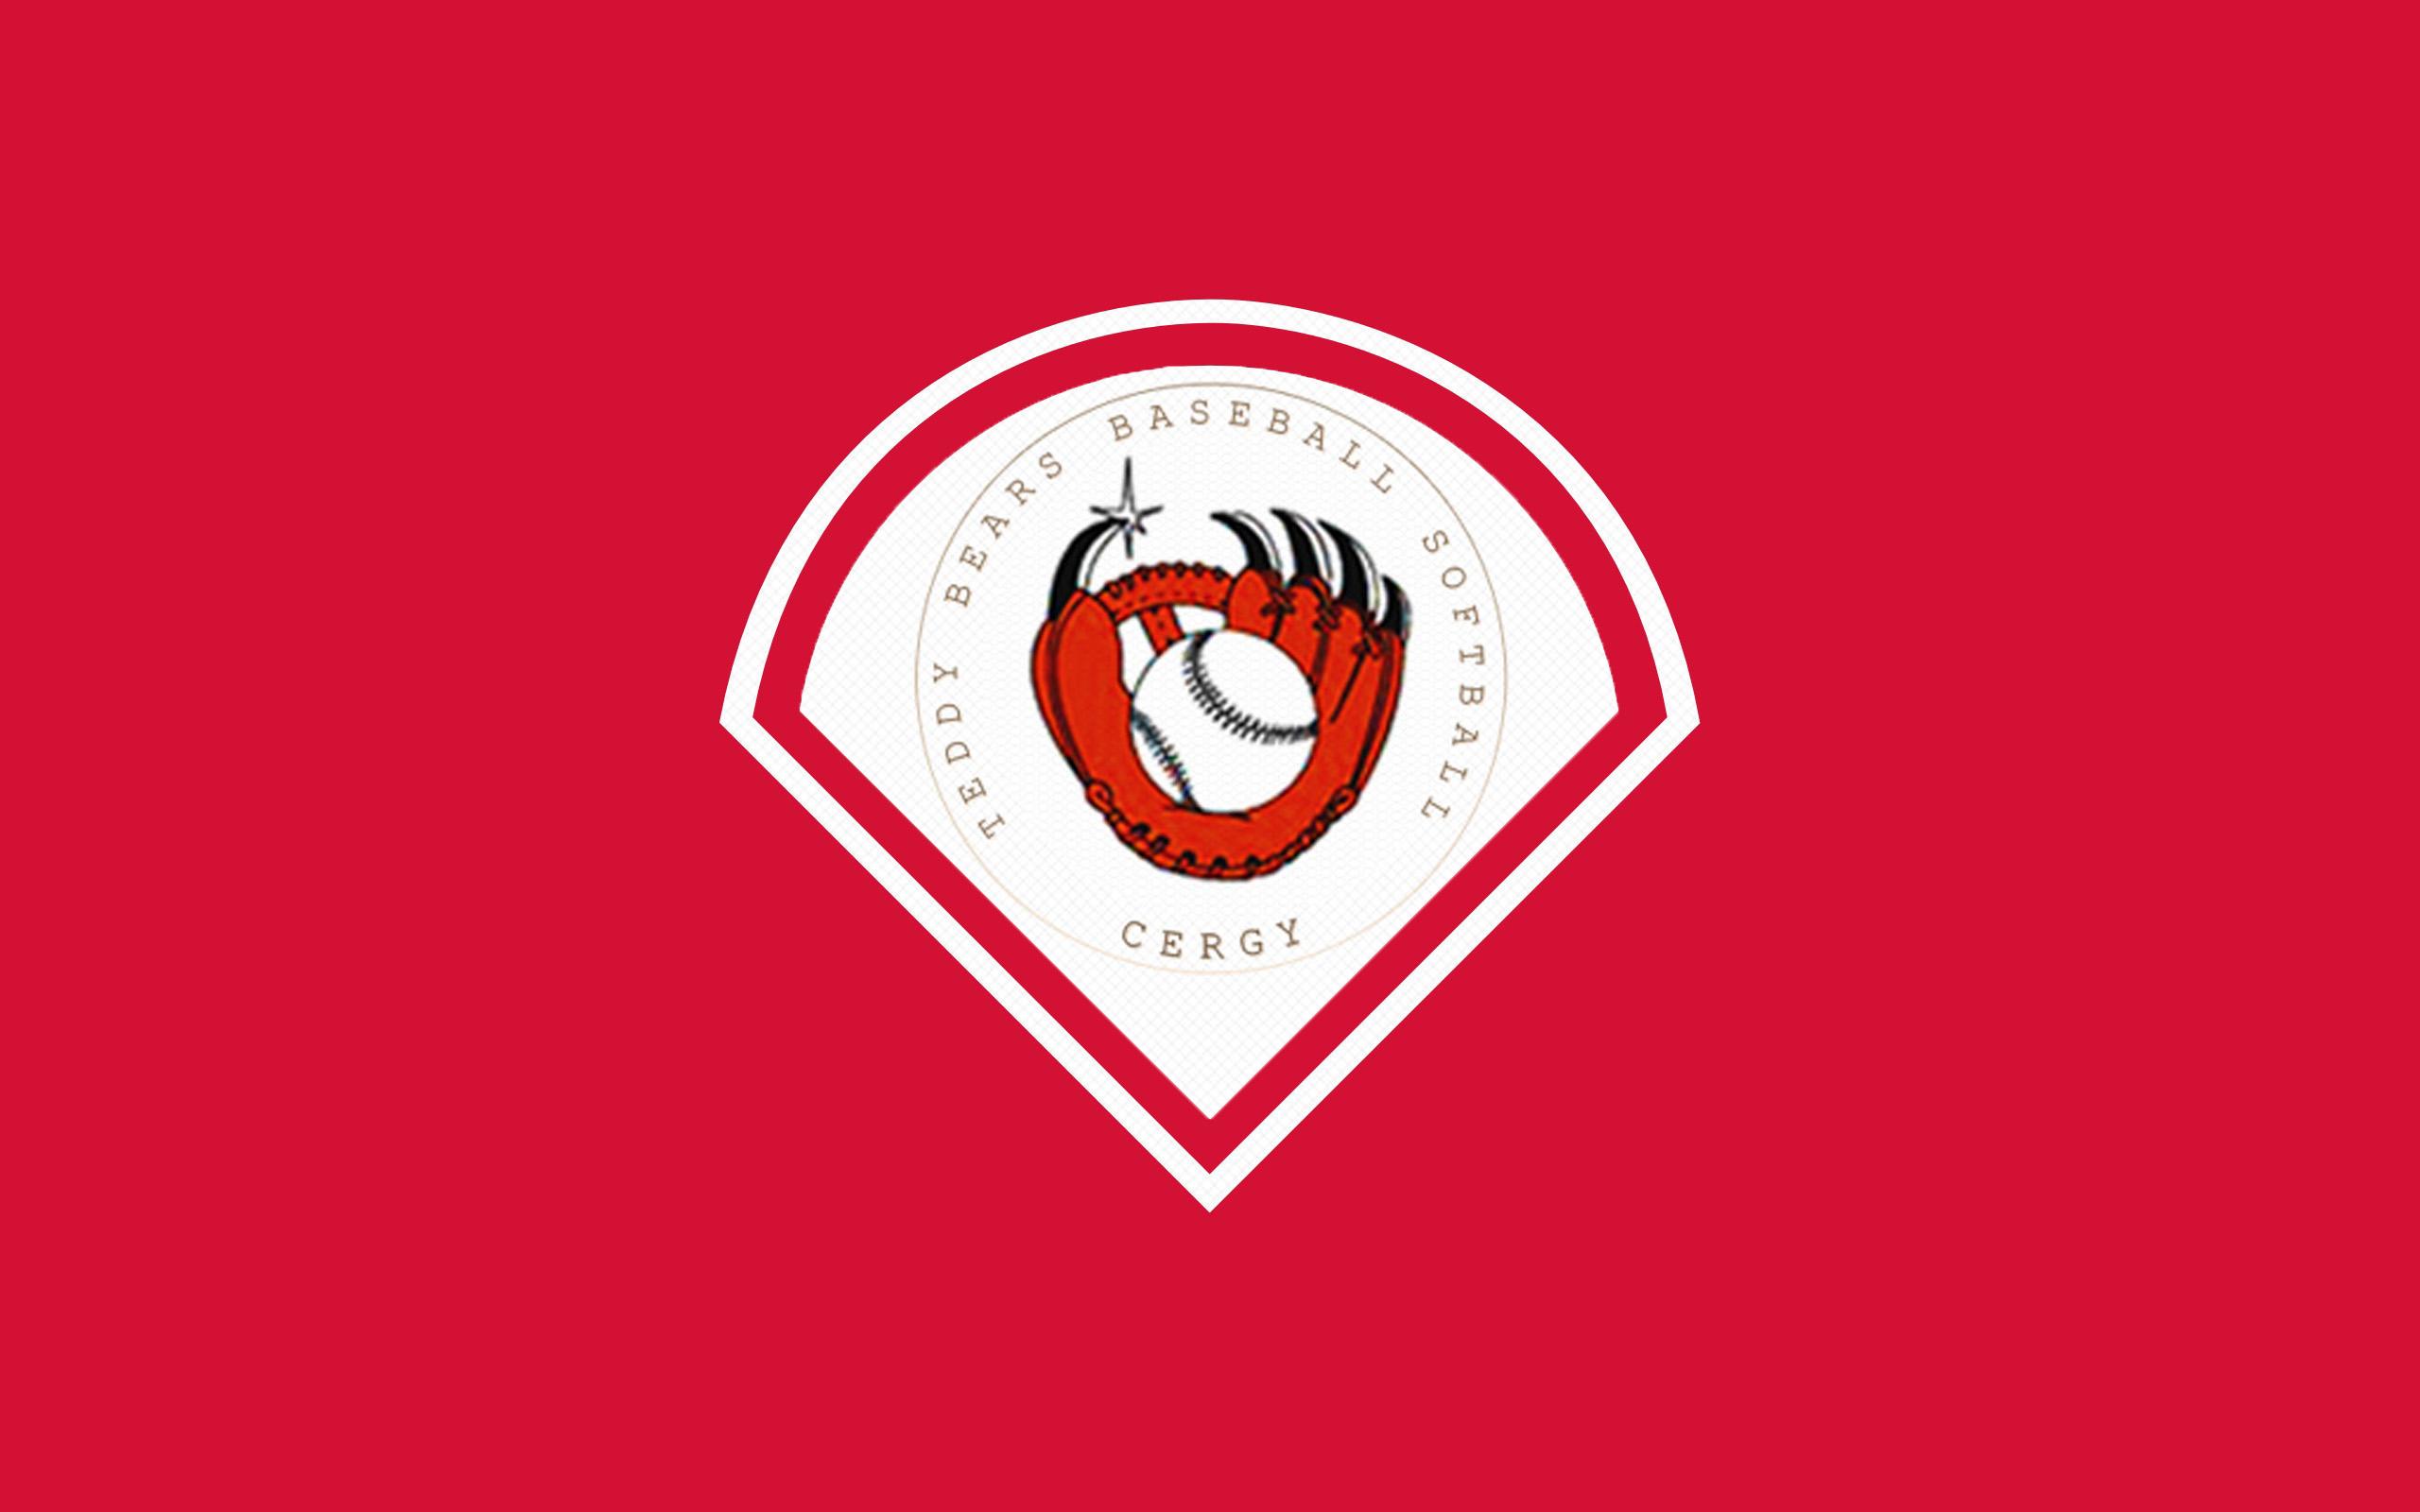 A logo type cergypour